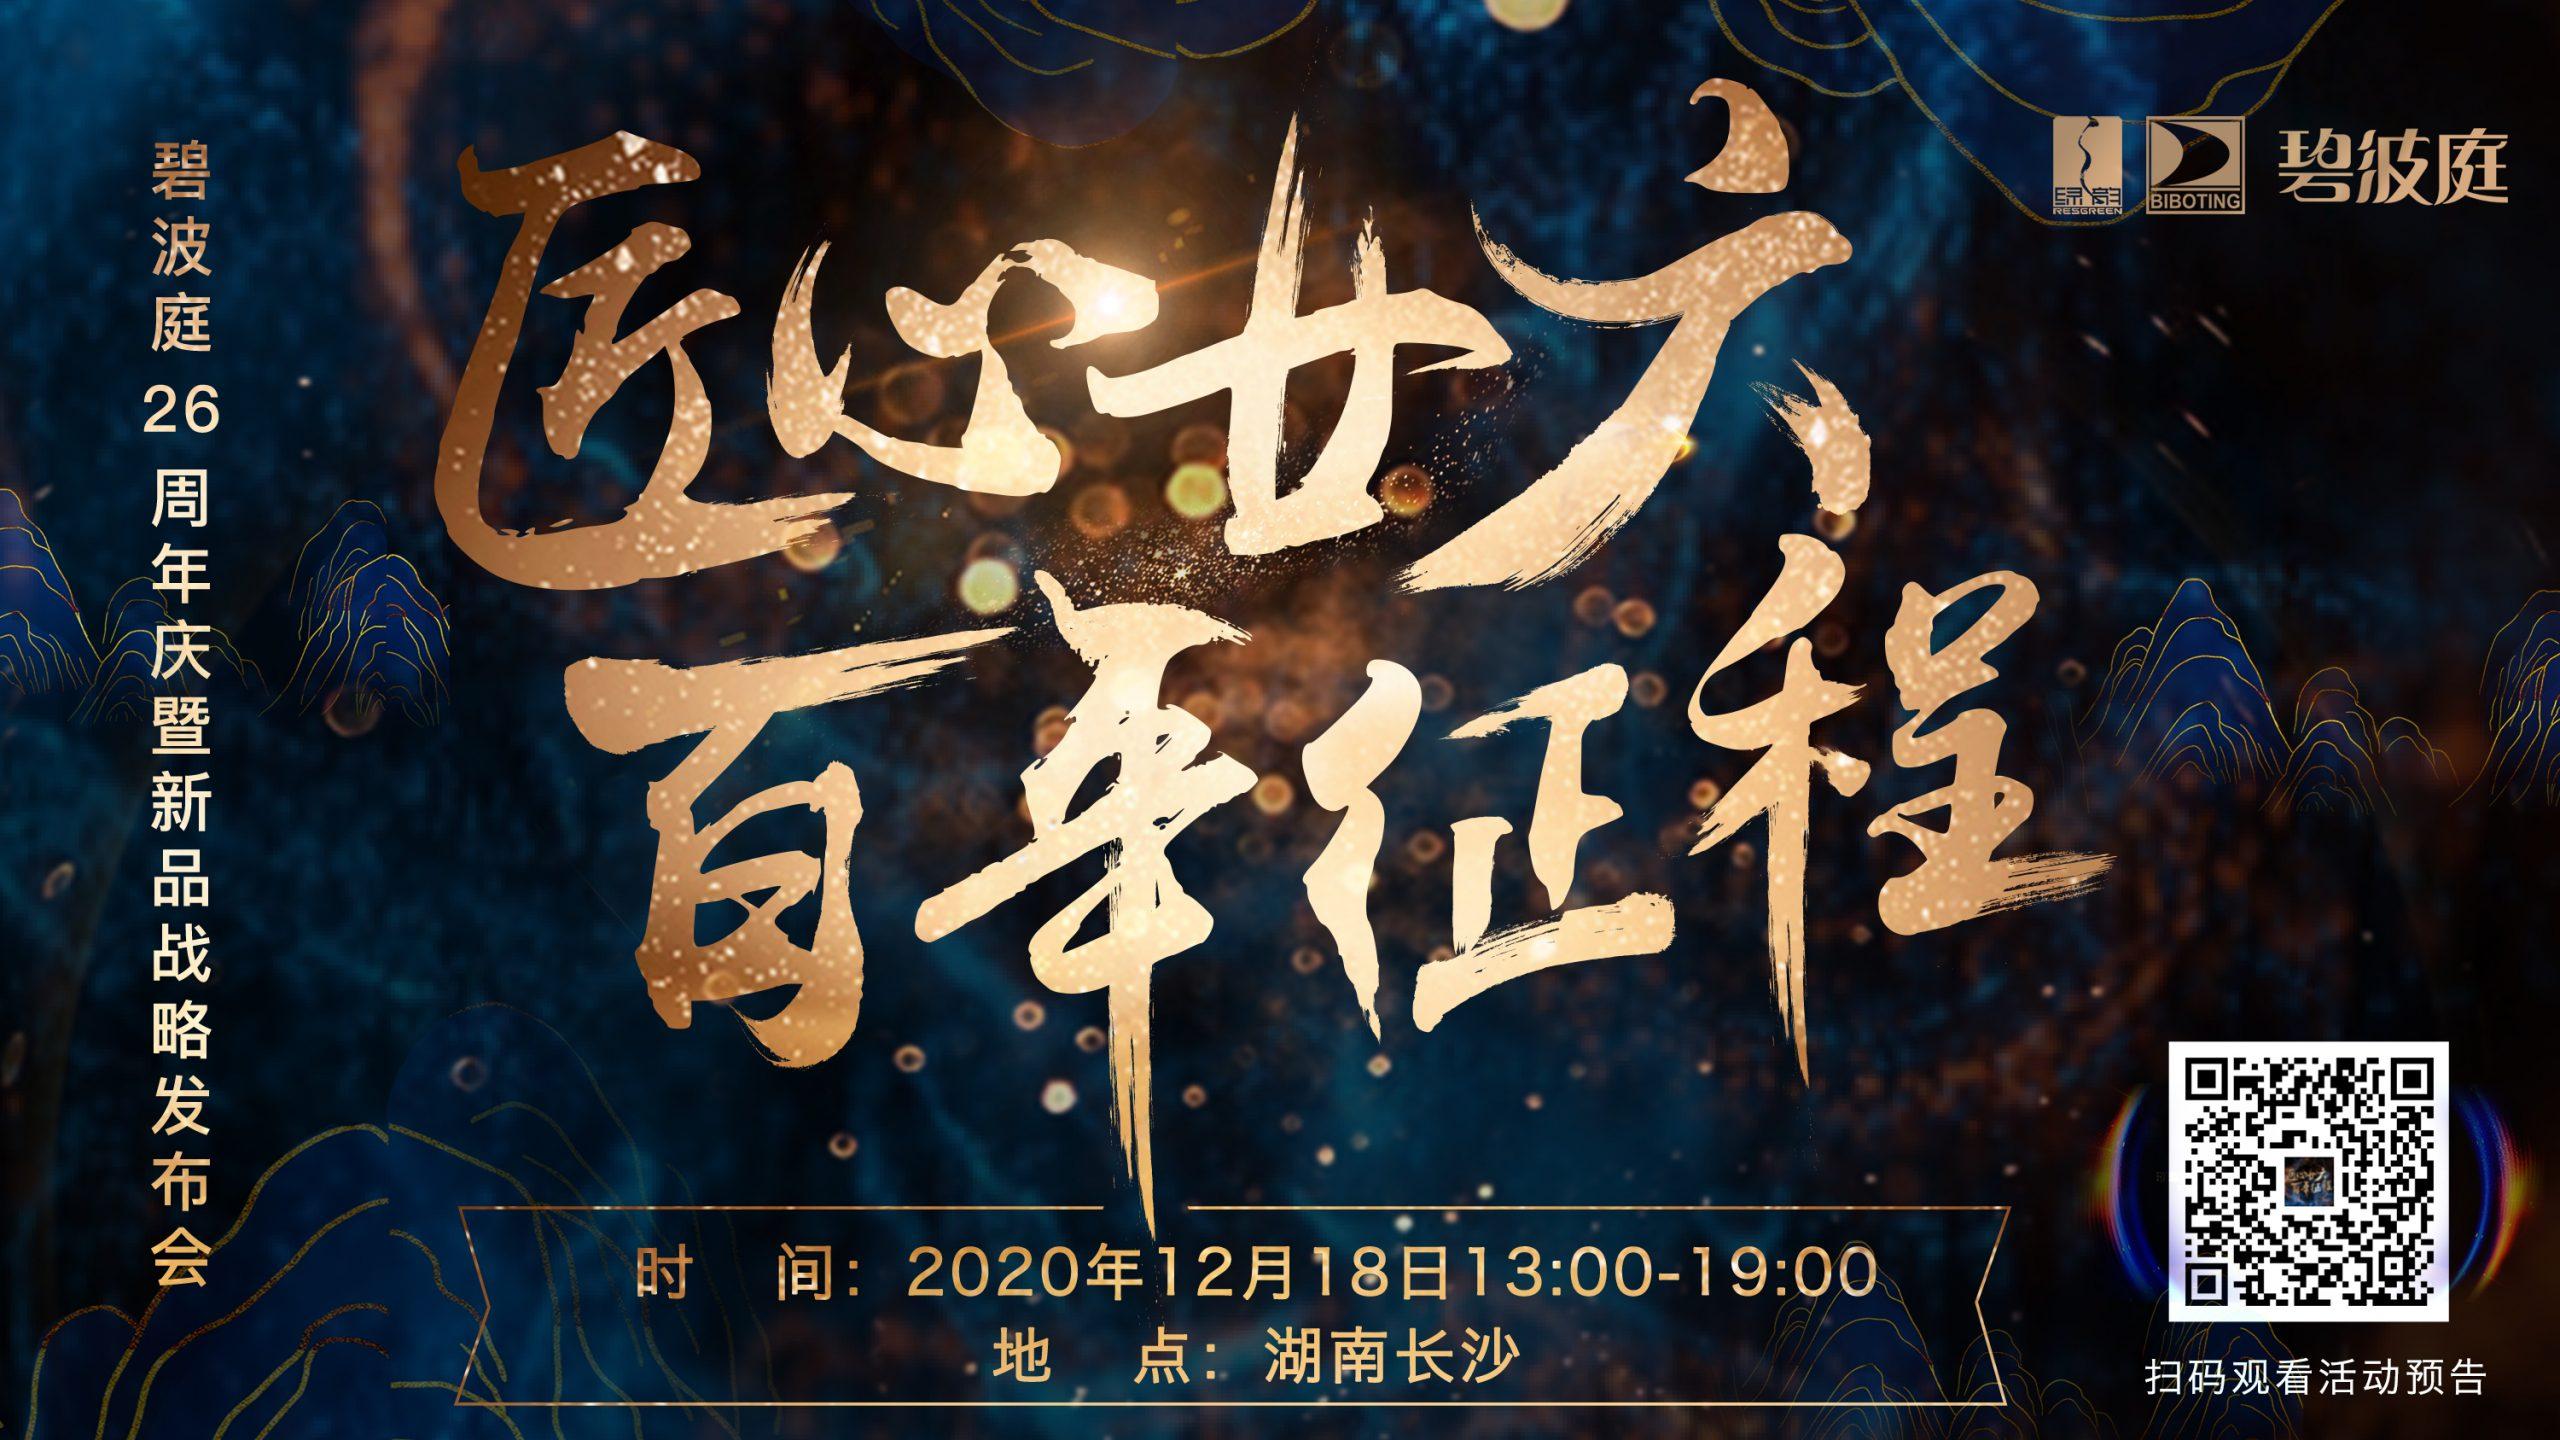 碧波庭26周年庆